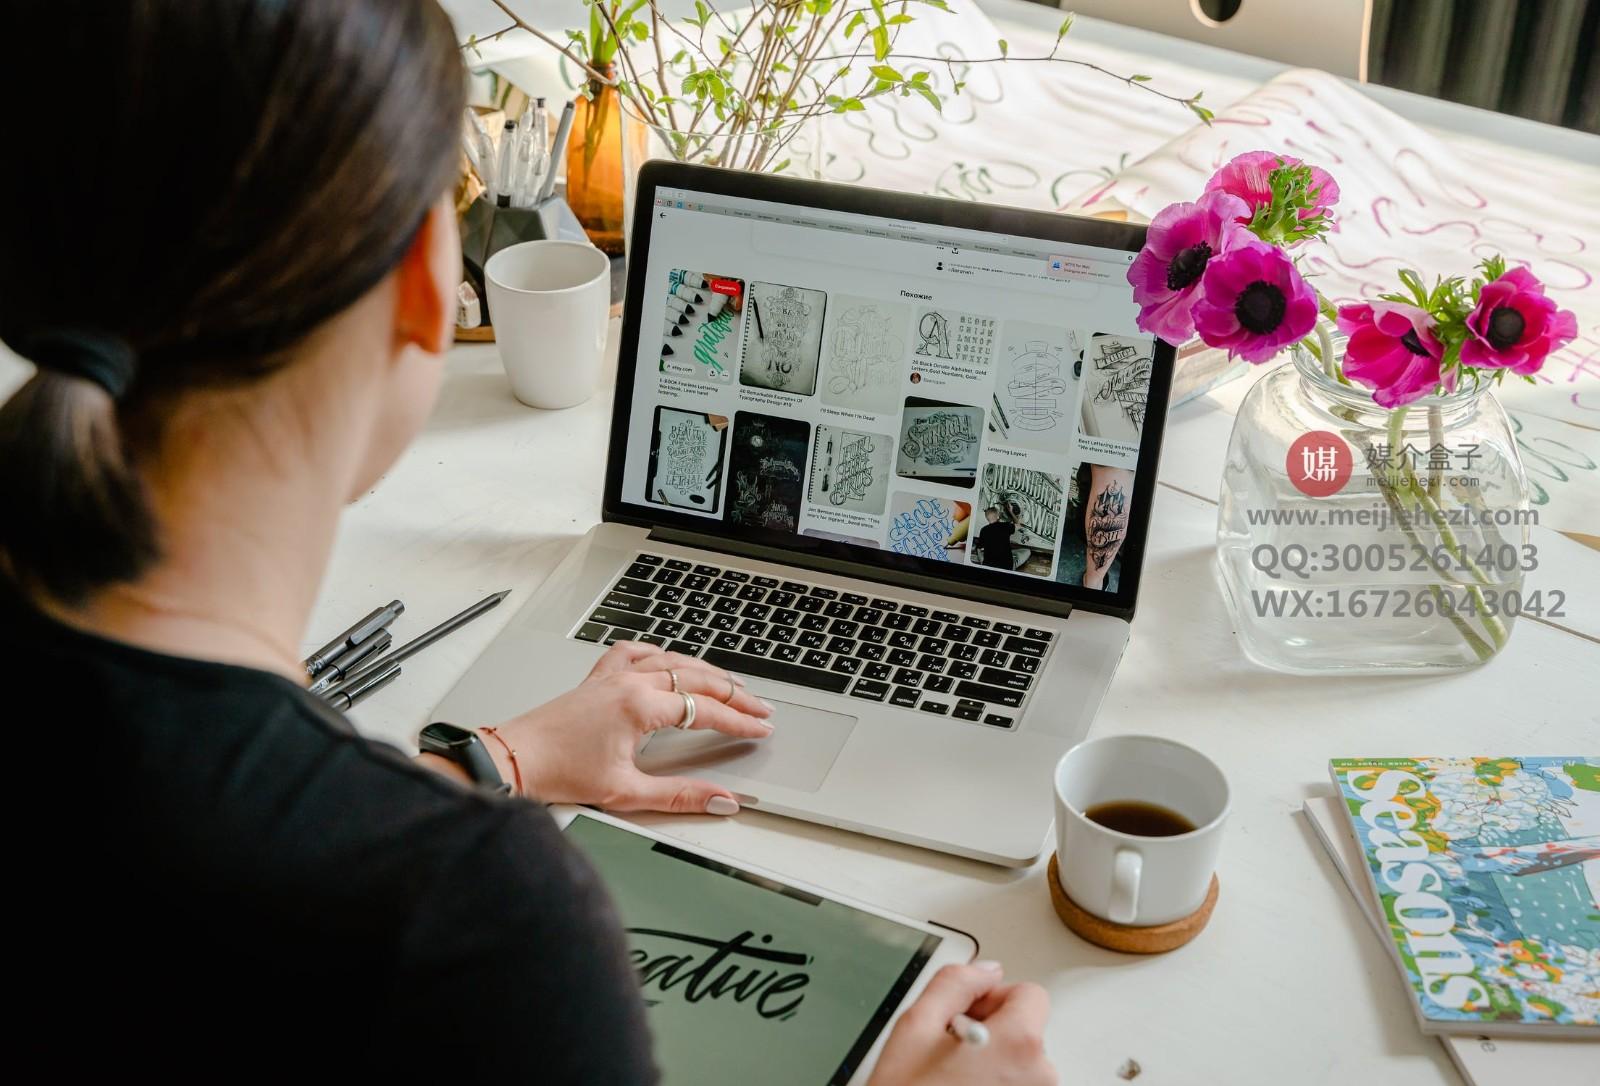 企业新闻营销怎么做好?软文发稿怎么做?